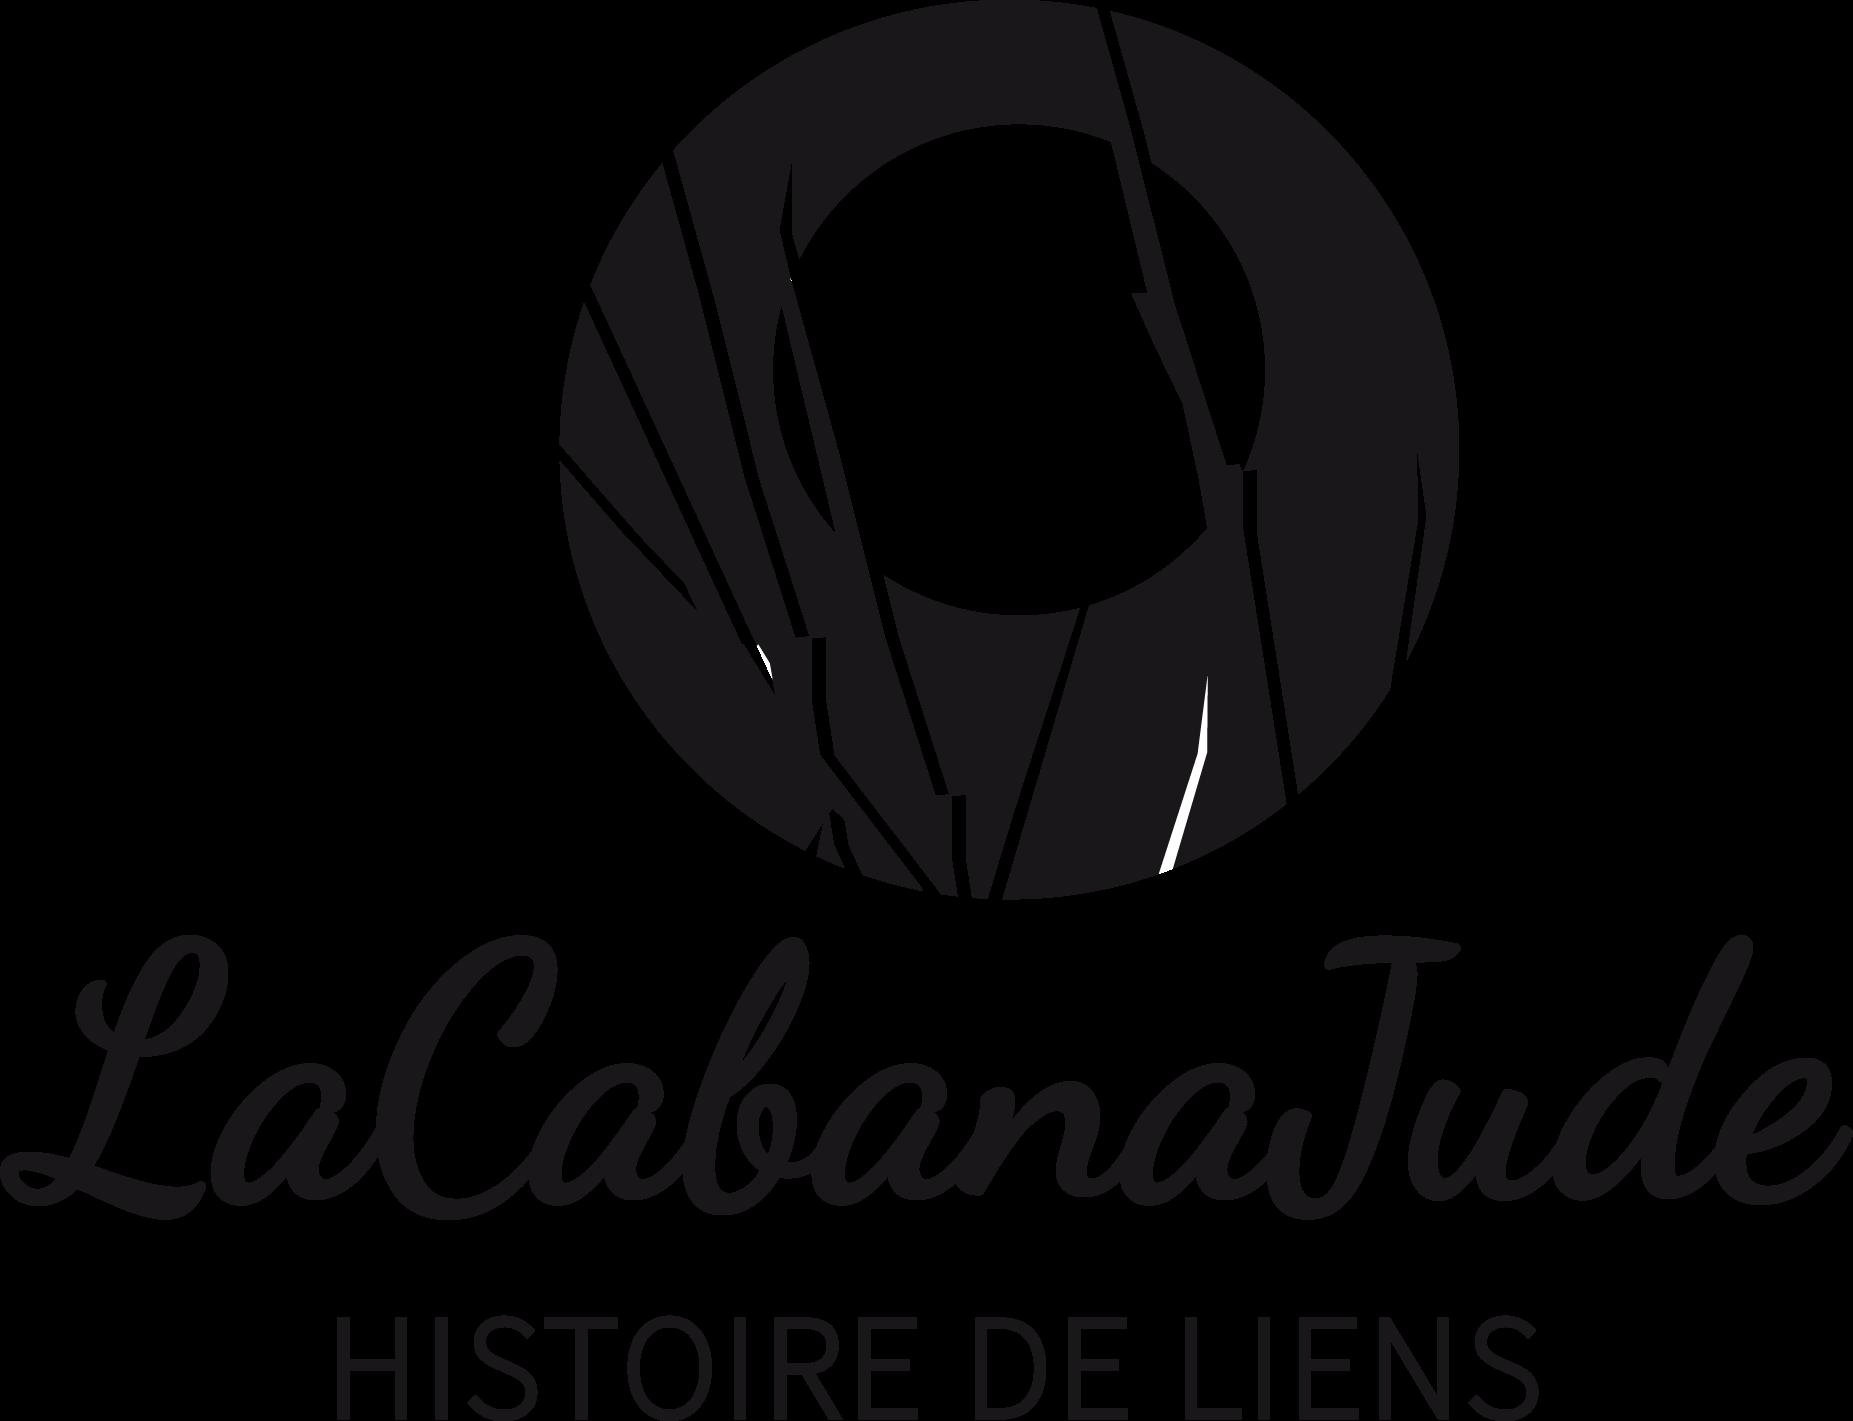 LaCabanaJude